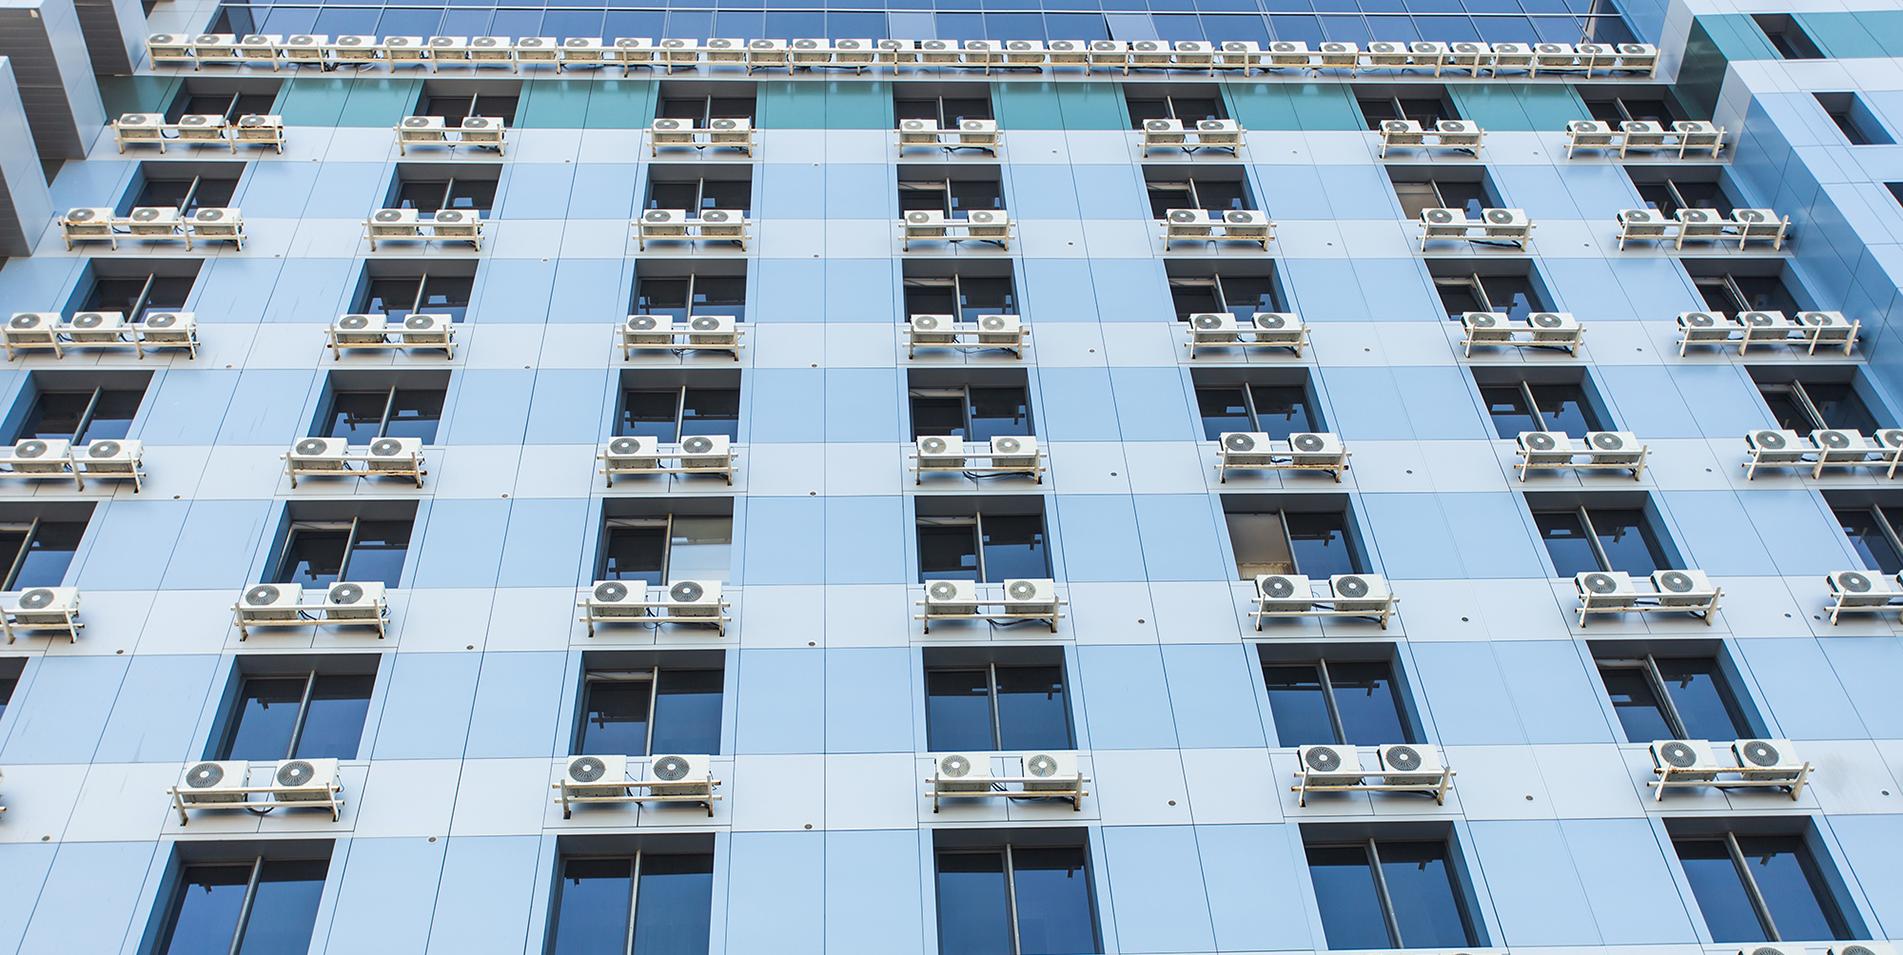 Reabilitare cladiri in Bucuresti si Ilfov